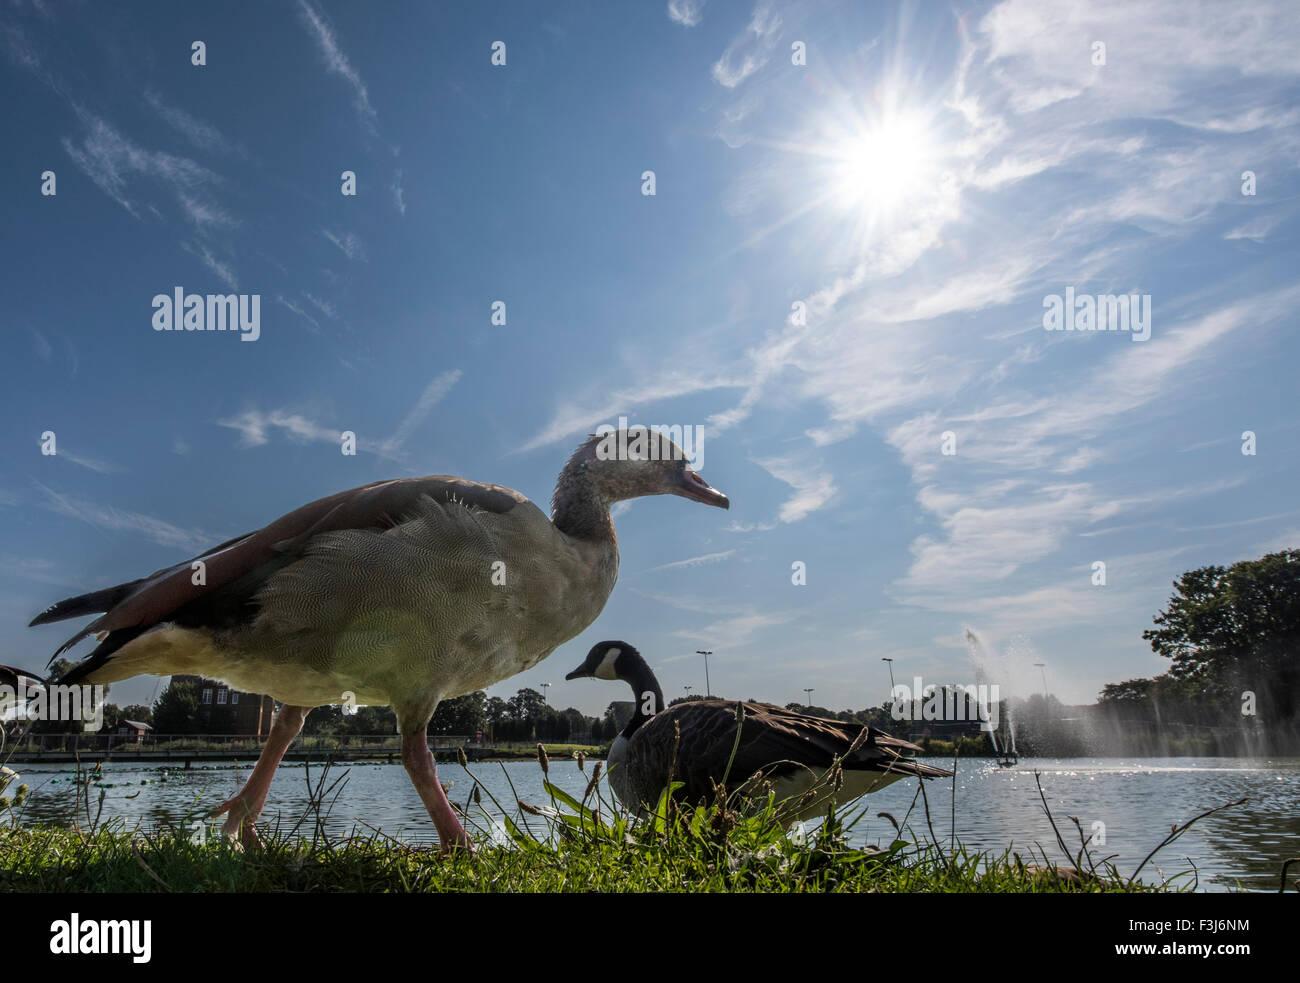 Las aves silvestres en el parque Burgess Park, Londres, Inglaterra, Gran Bretaña, Reino Unido, Europa Imagen De Stock